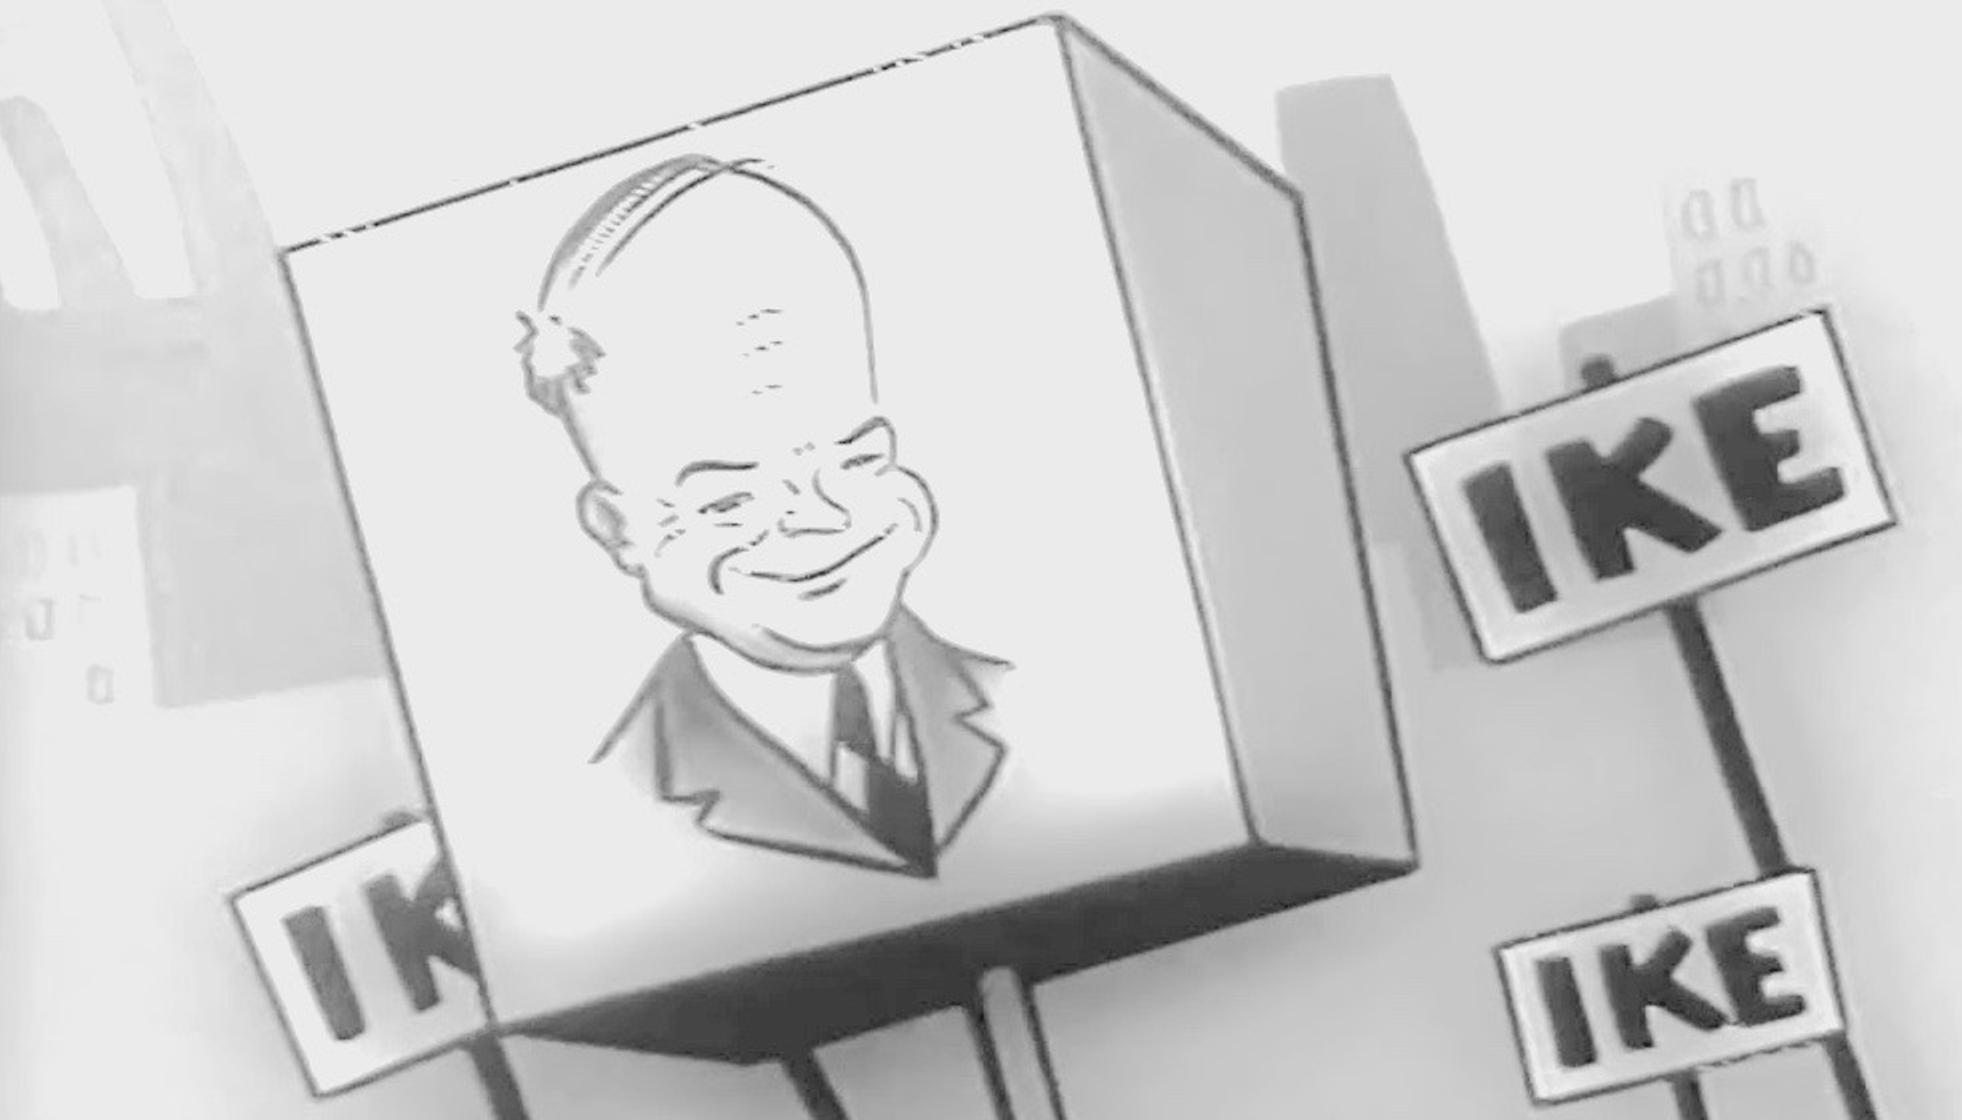 Imagen de la campaña 'I like Ike'